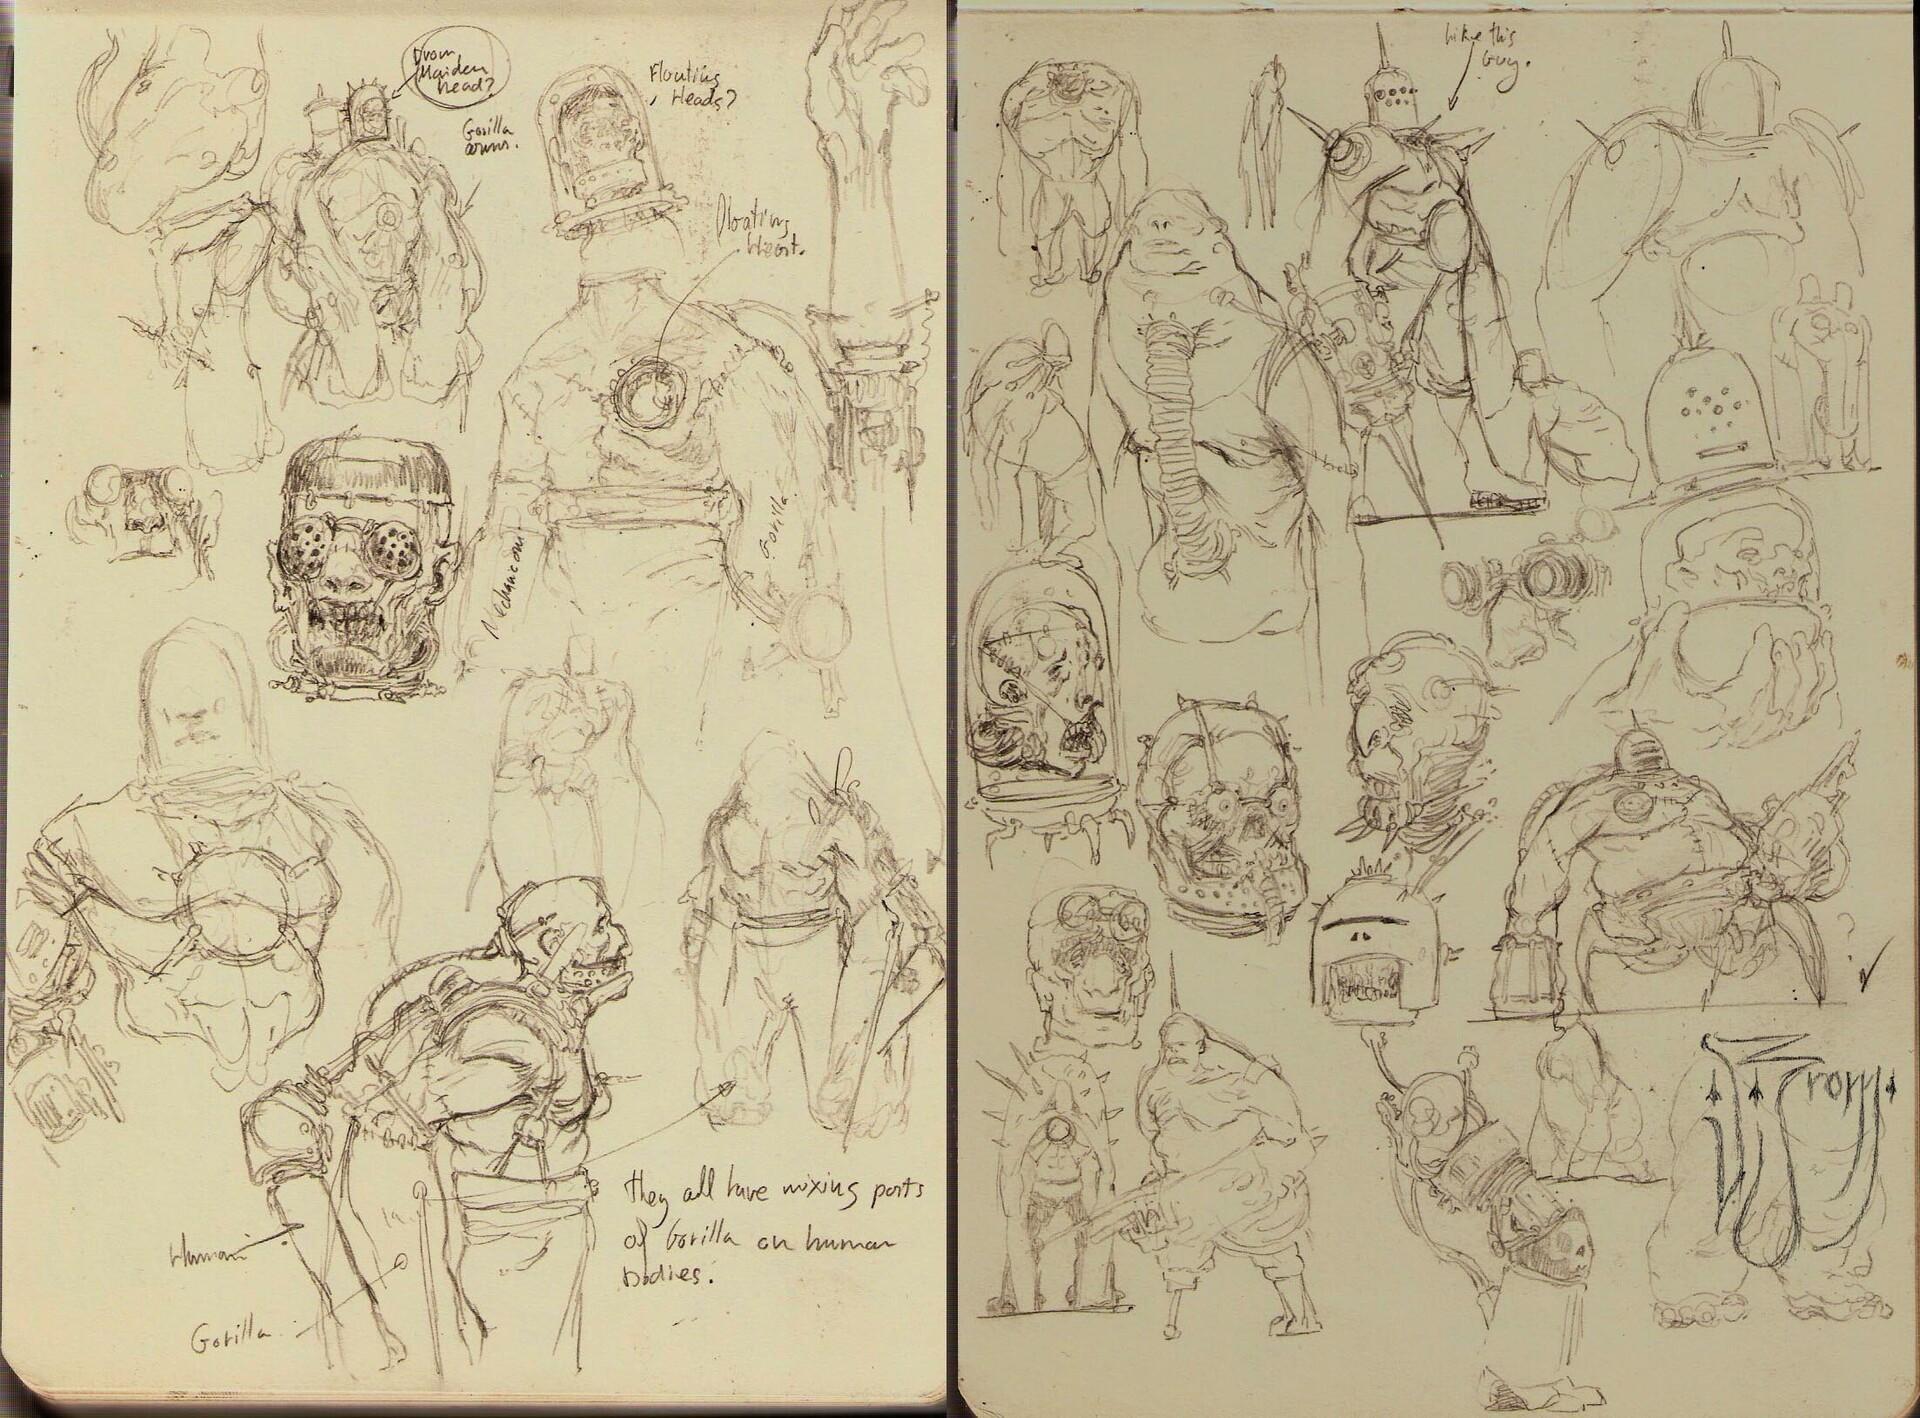 Daniel zrom danielzrom axismonstrositie sketches2